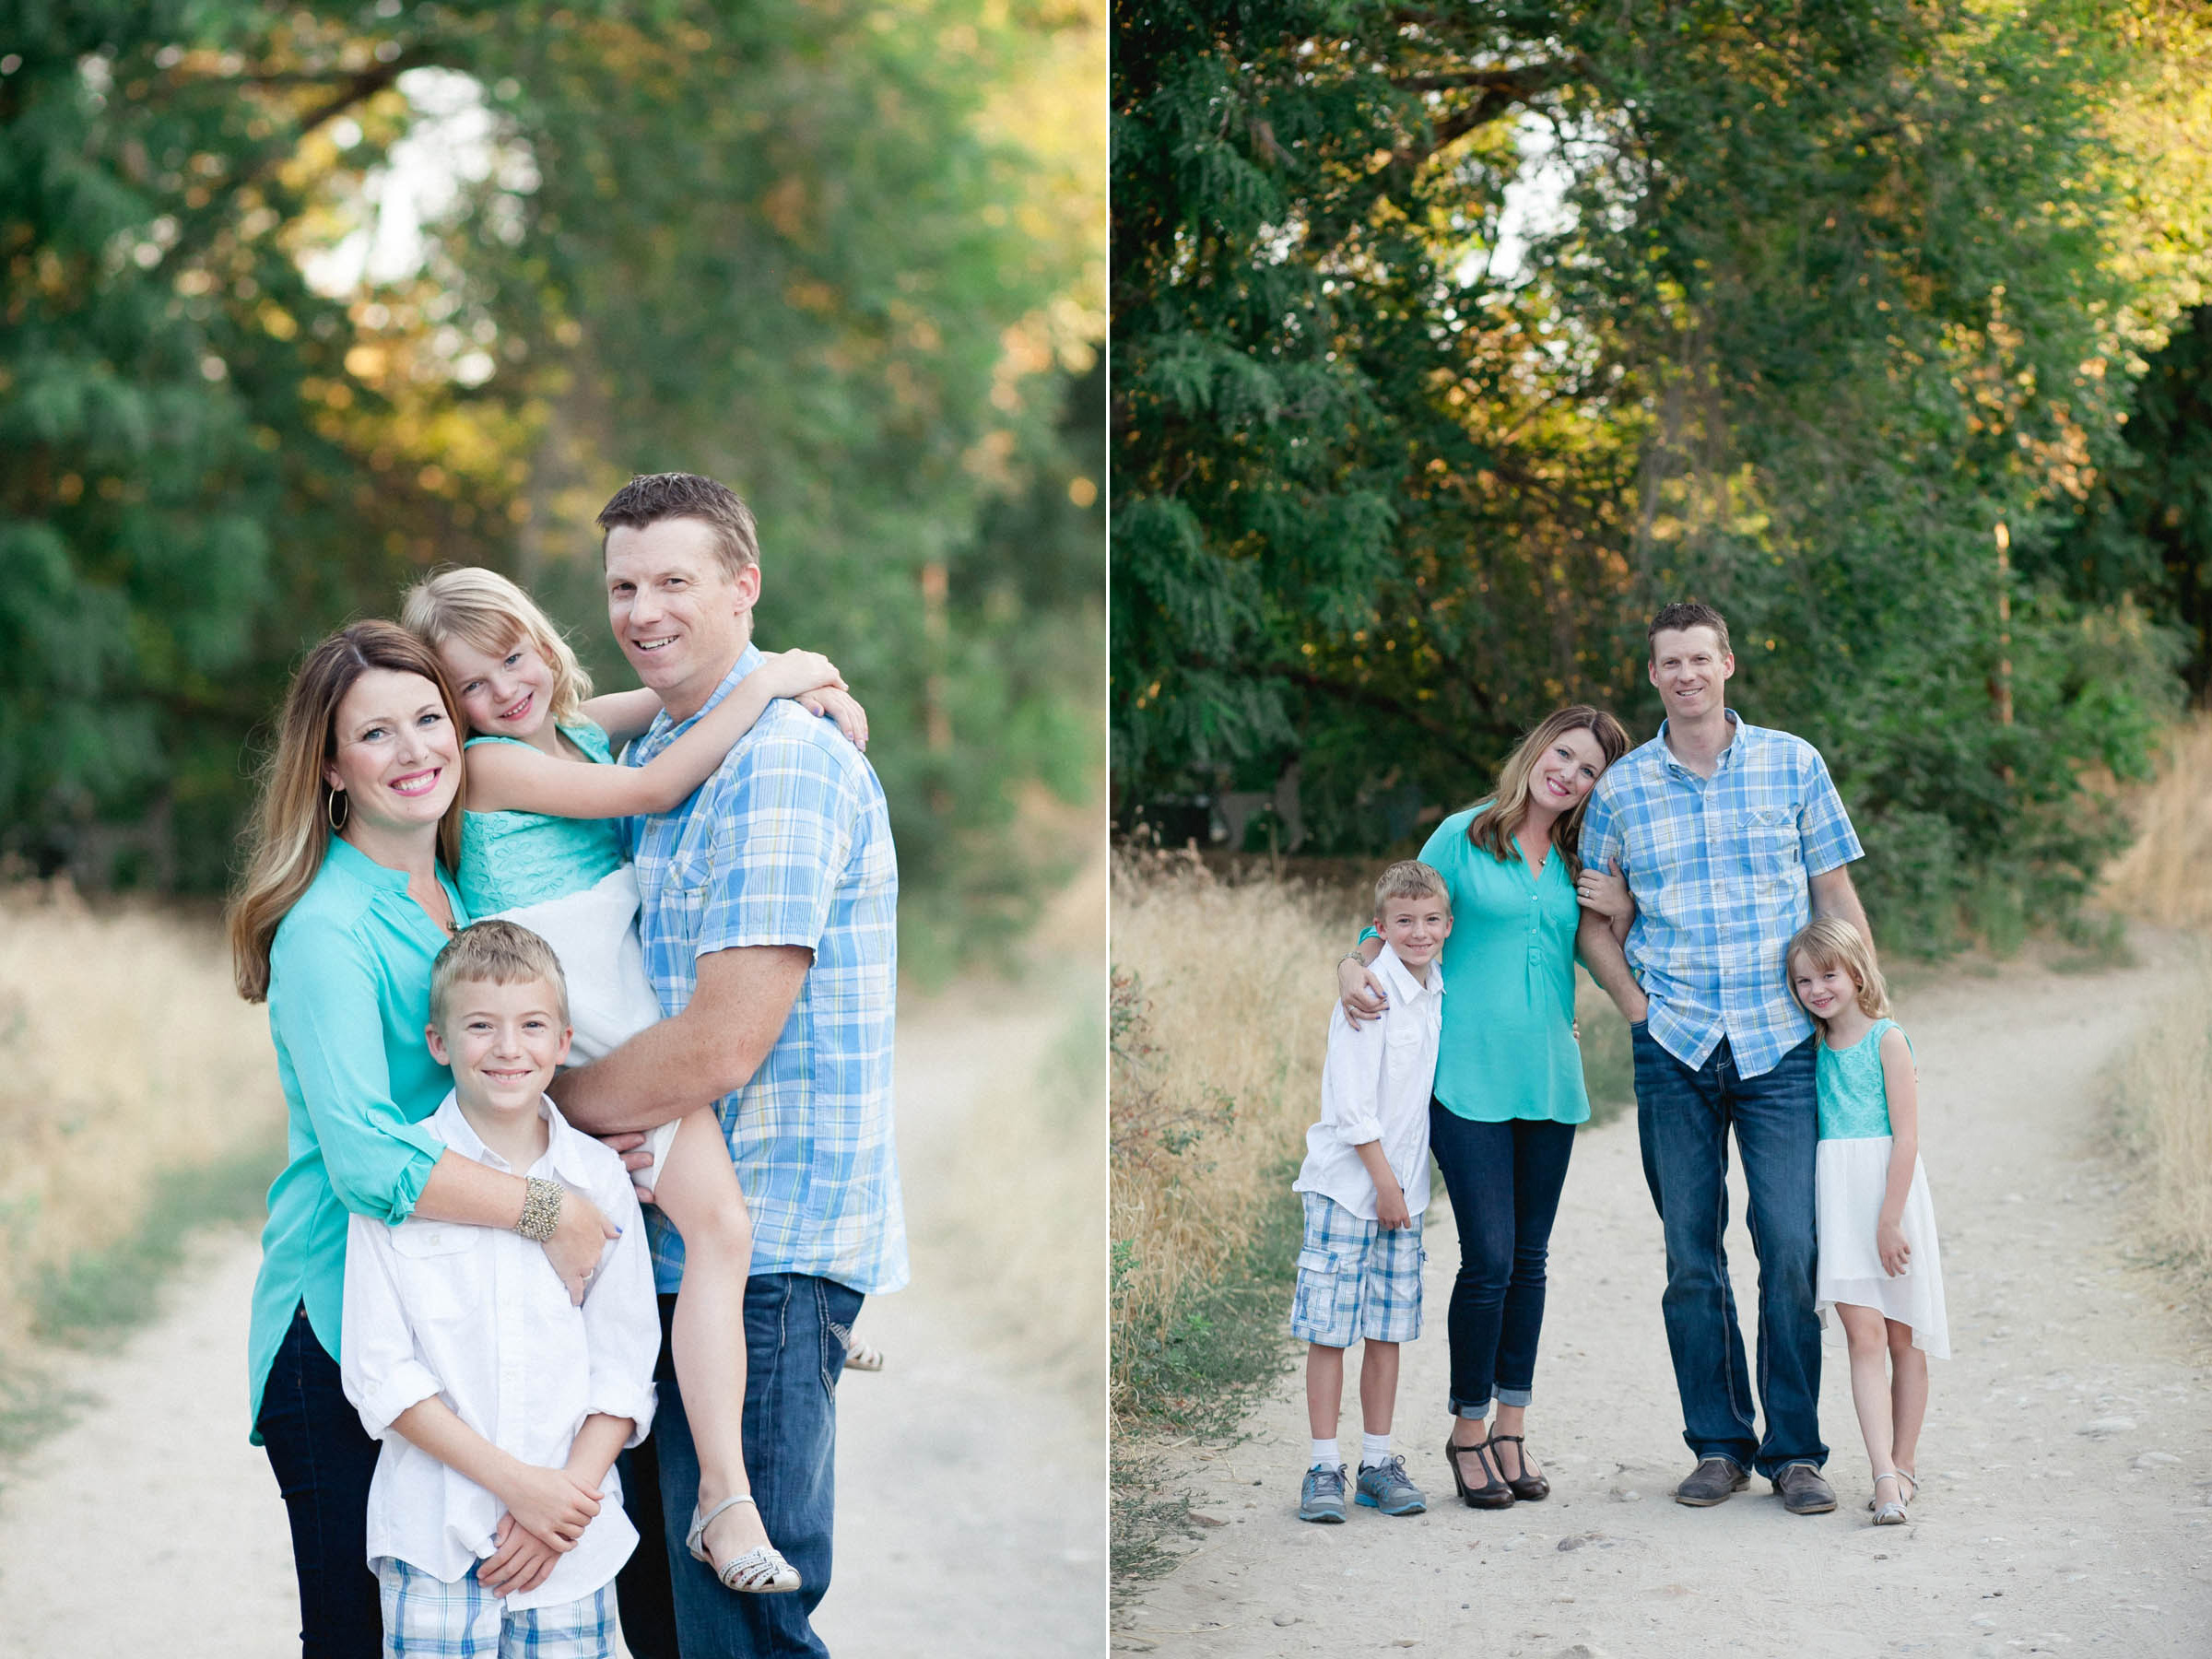 boise family photographer (19 of 20).jpg